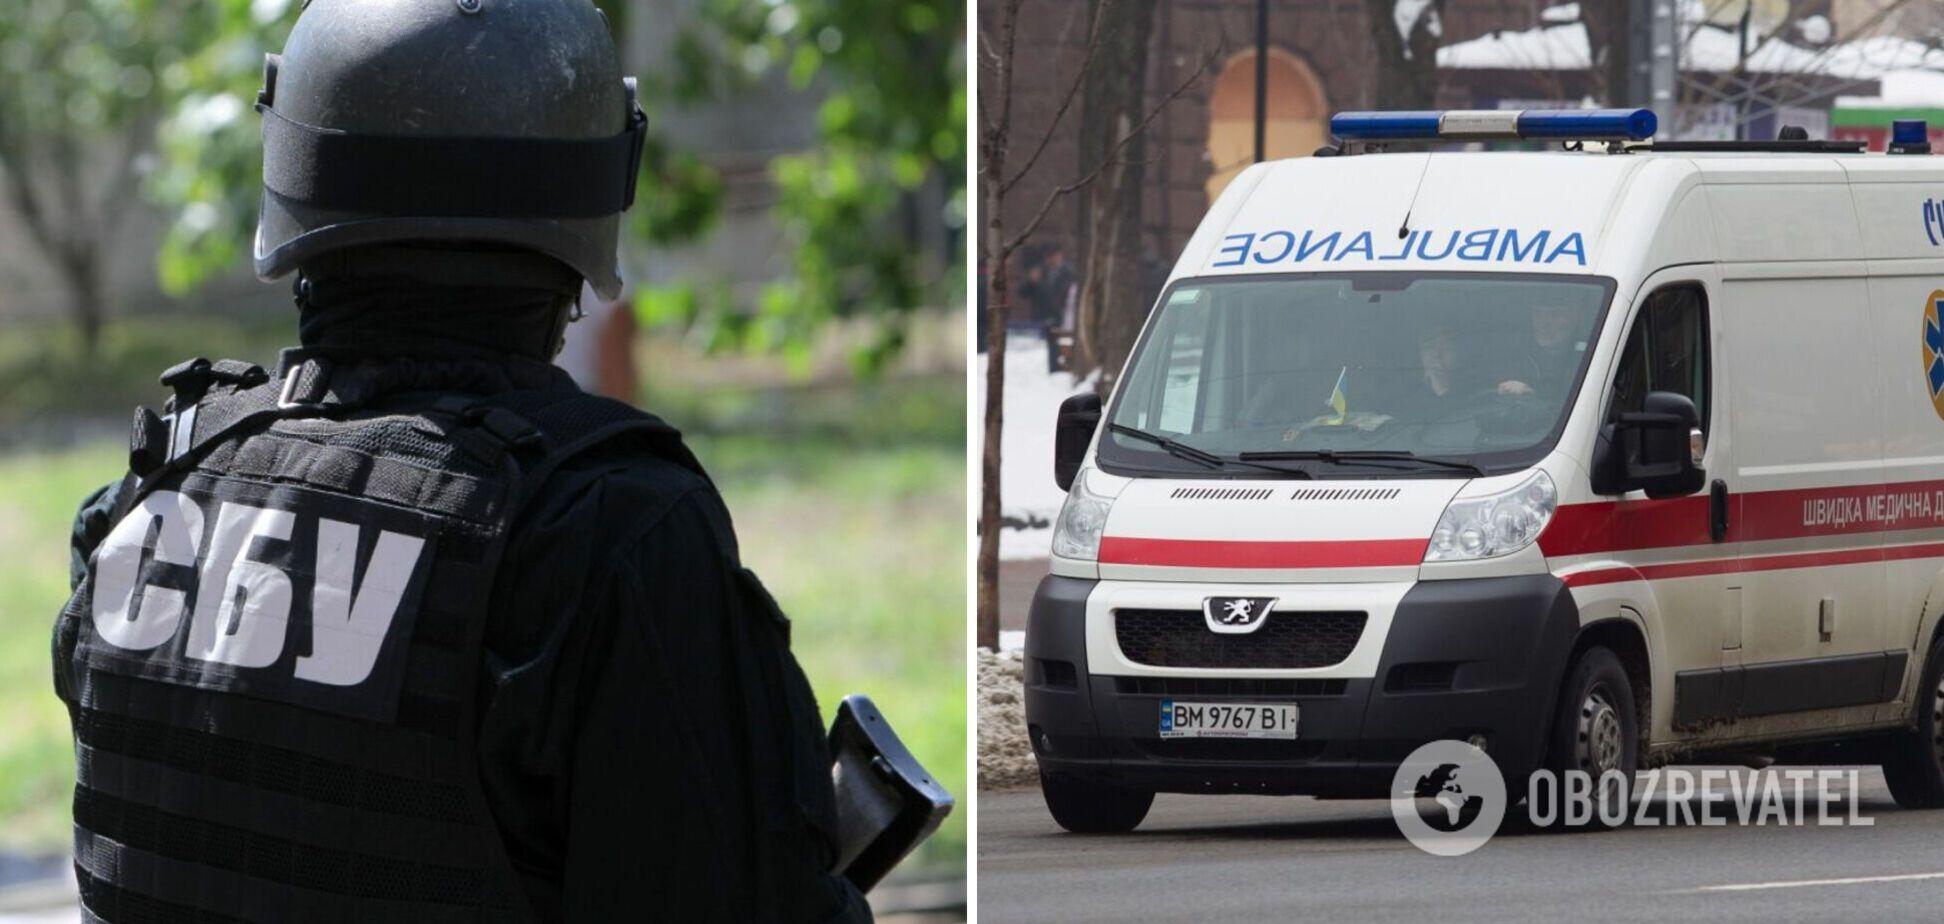 У Вінниці колишній СБУвець протаранив авто швидкої допомоги та погрожував водію